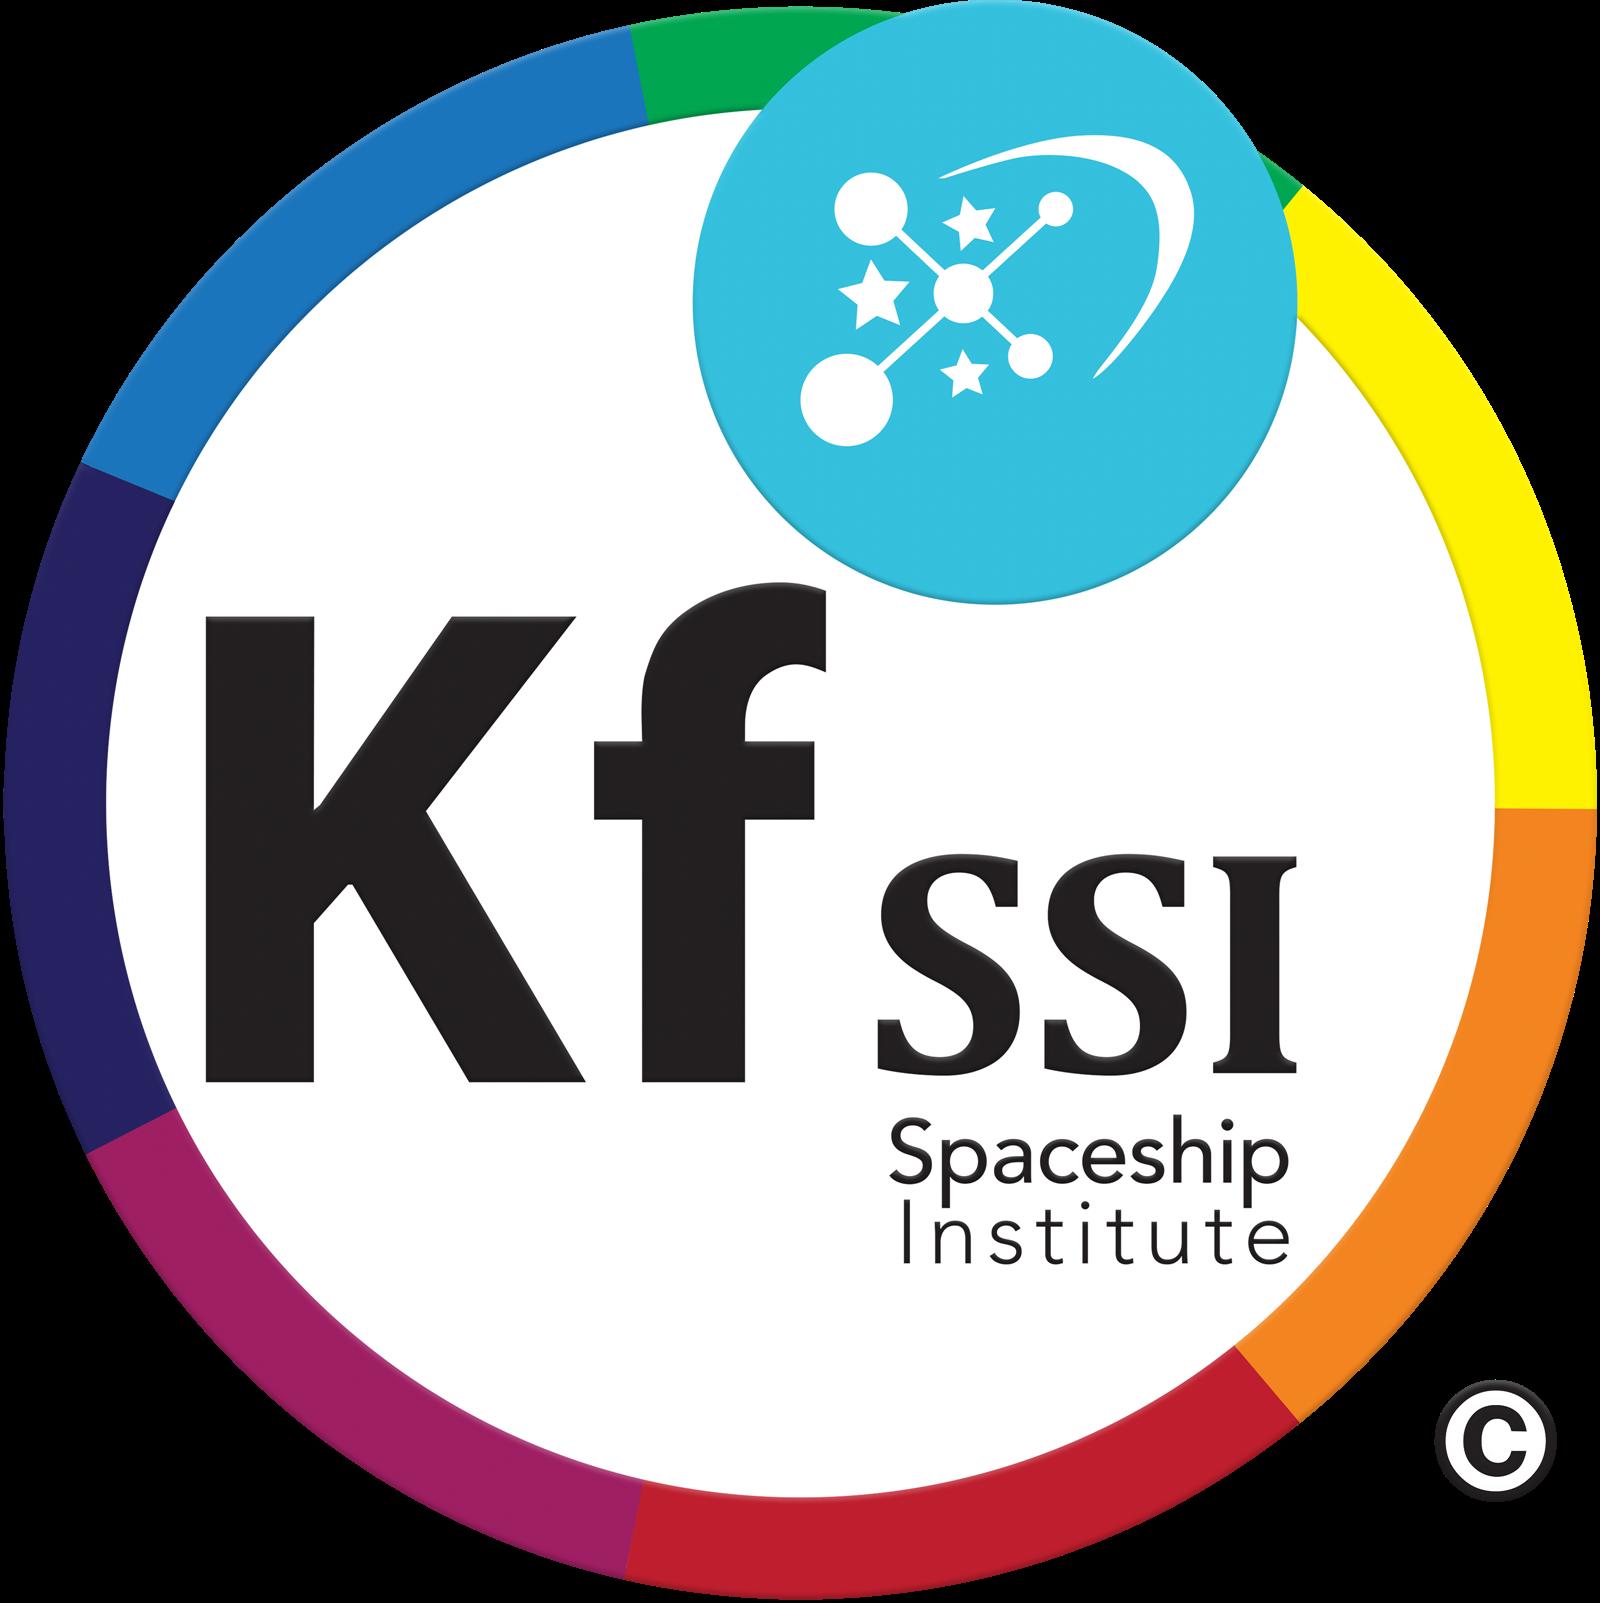 https://keshefoundation.org/images/2017/06/17/kfssi-1600px-300dpi-bevel.png